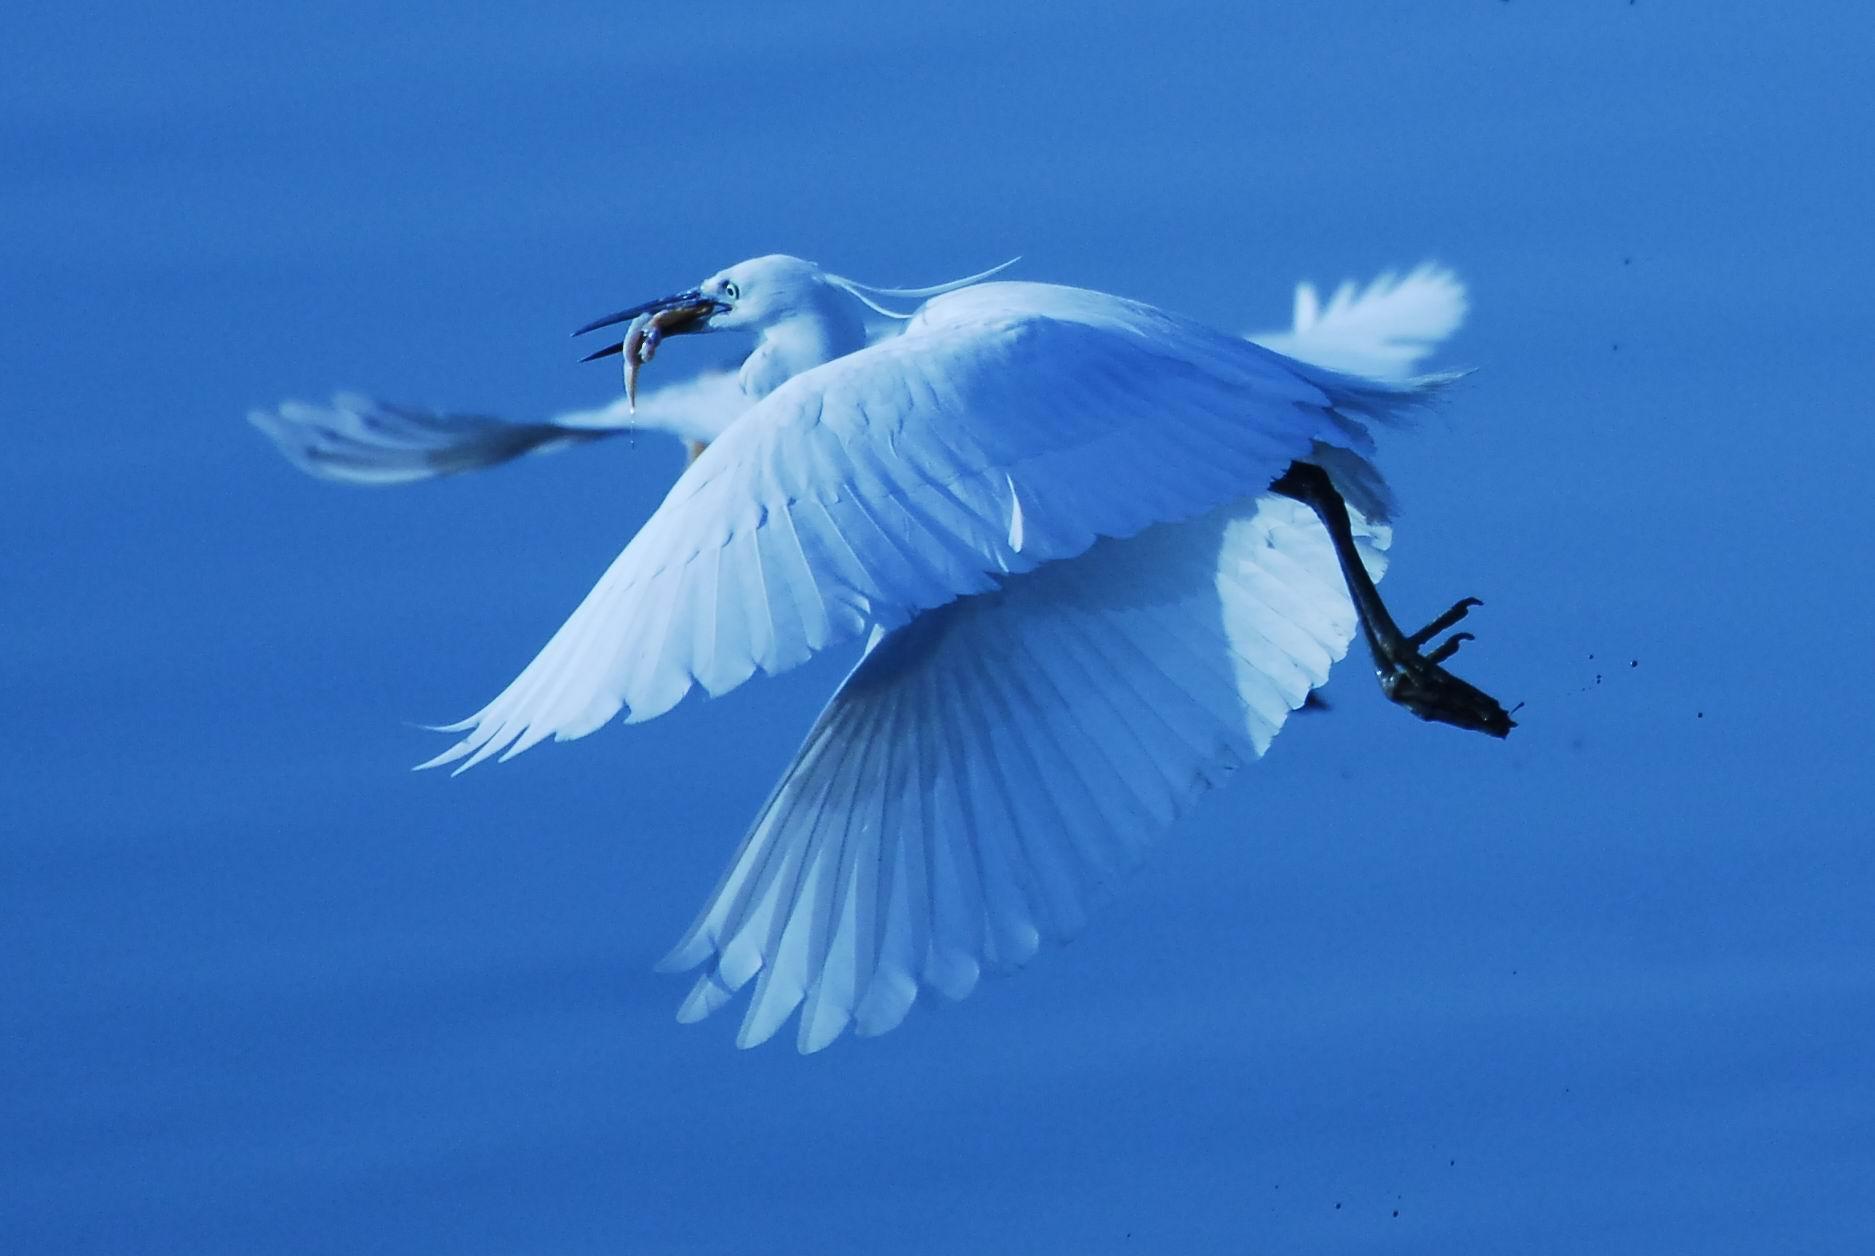 浅蓝色欧式壁纸贴图鸟